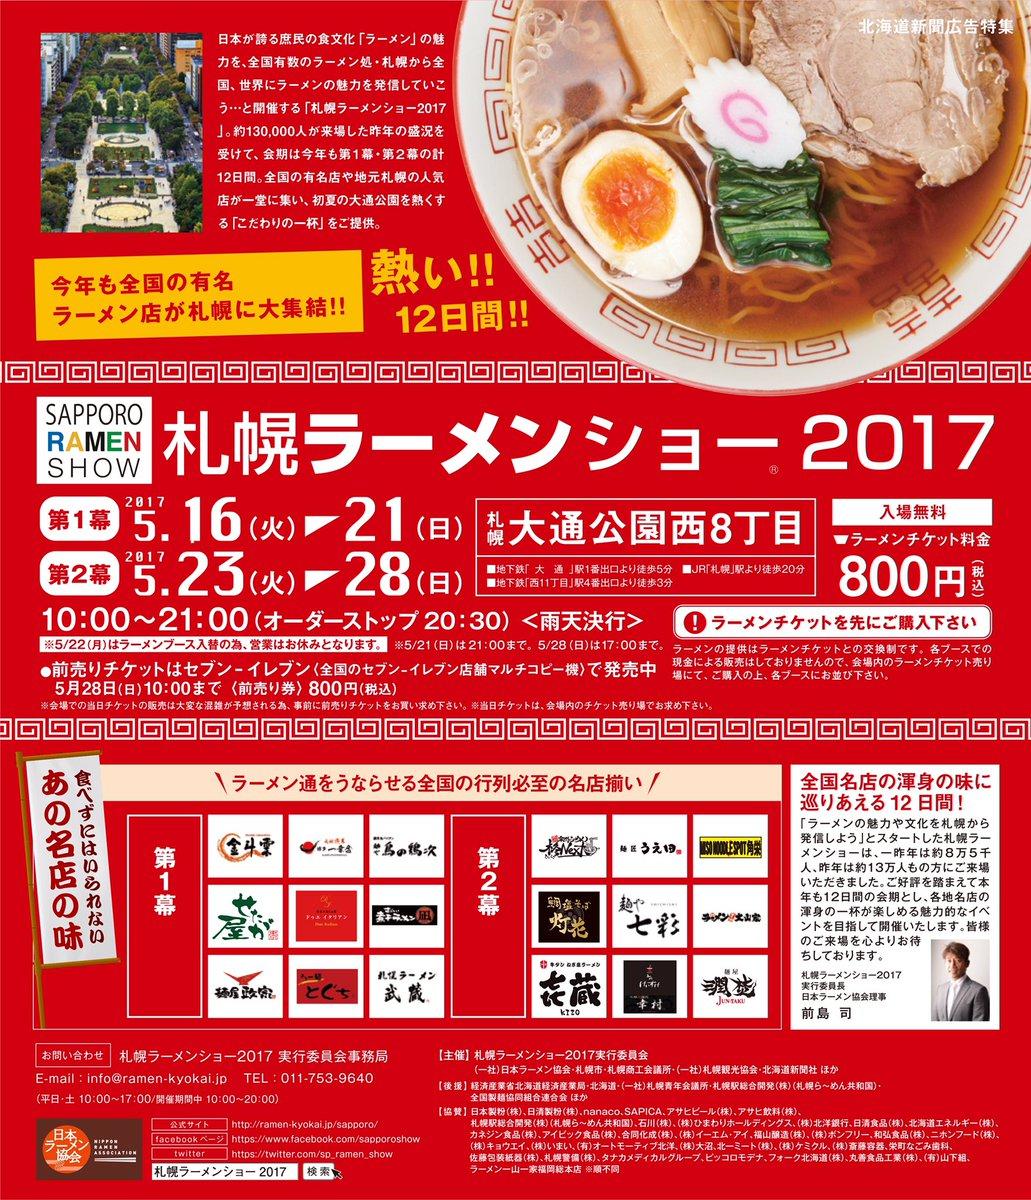 """札幌ラーメンショー2019 on Twitter: """"【札幌ラーメンショー2017明日 ..."""